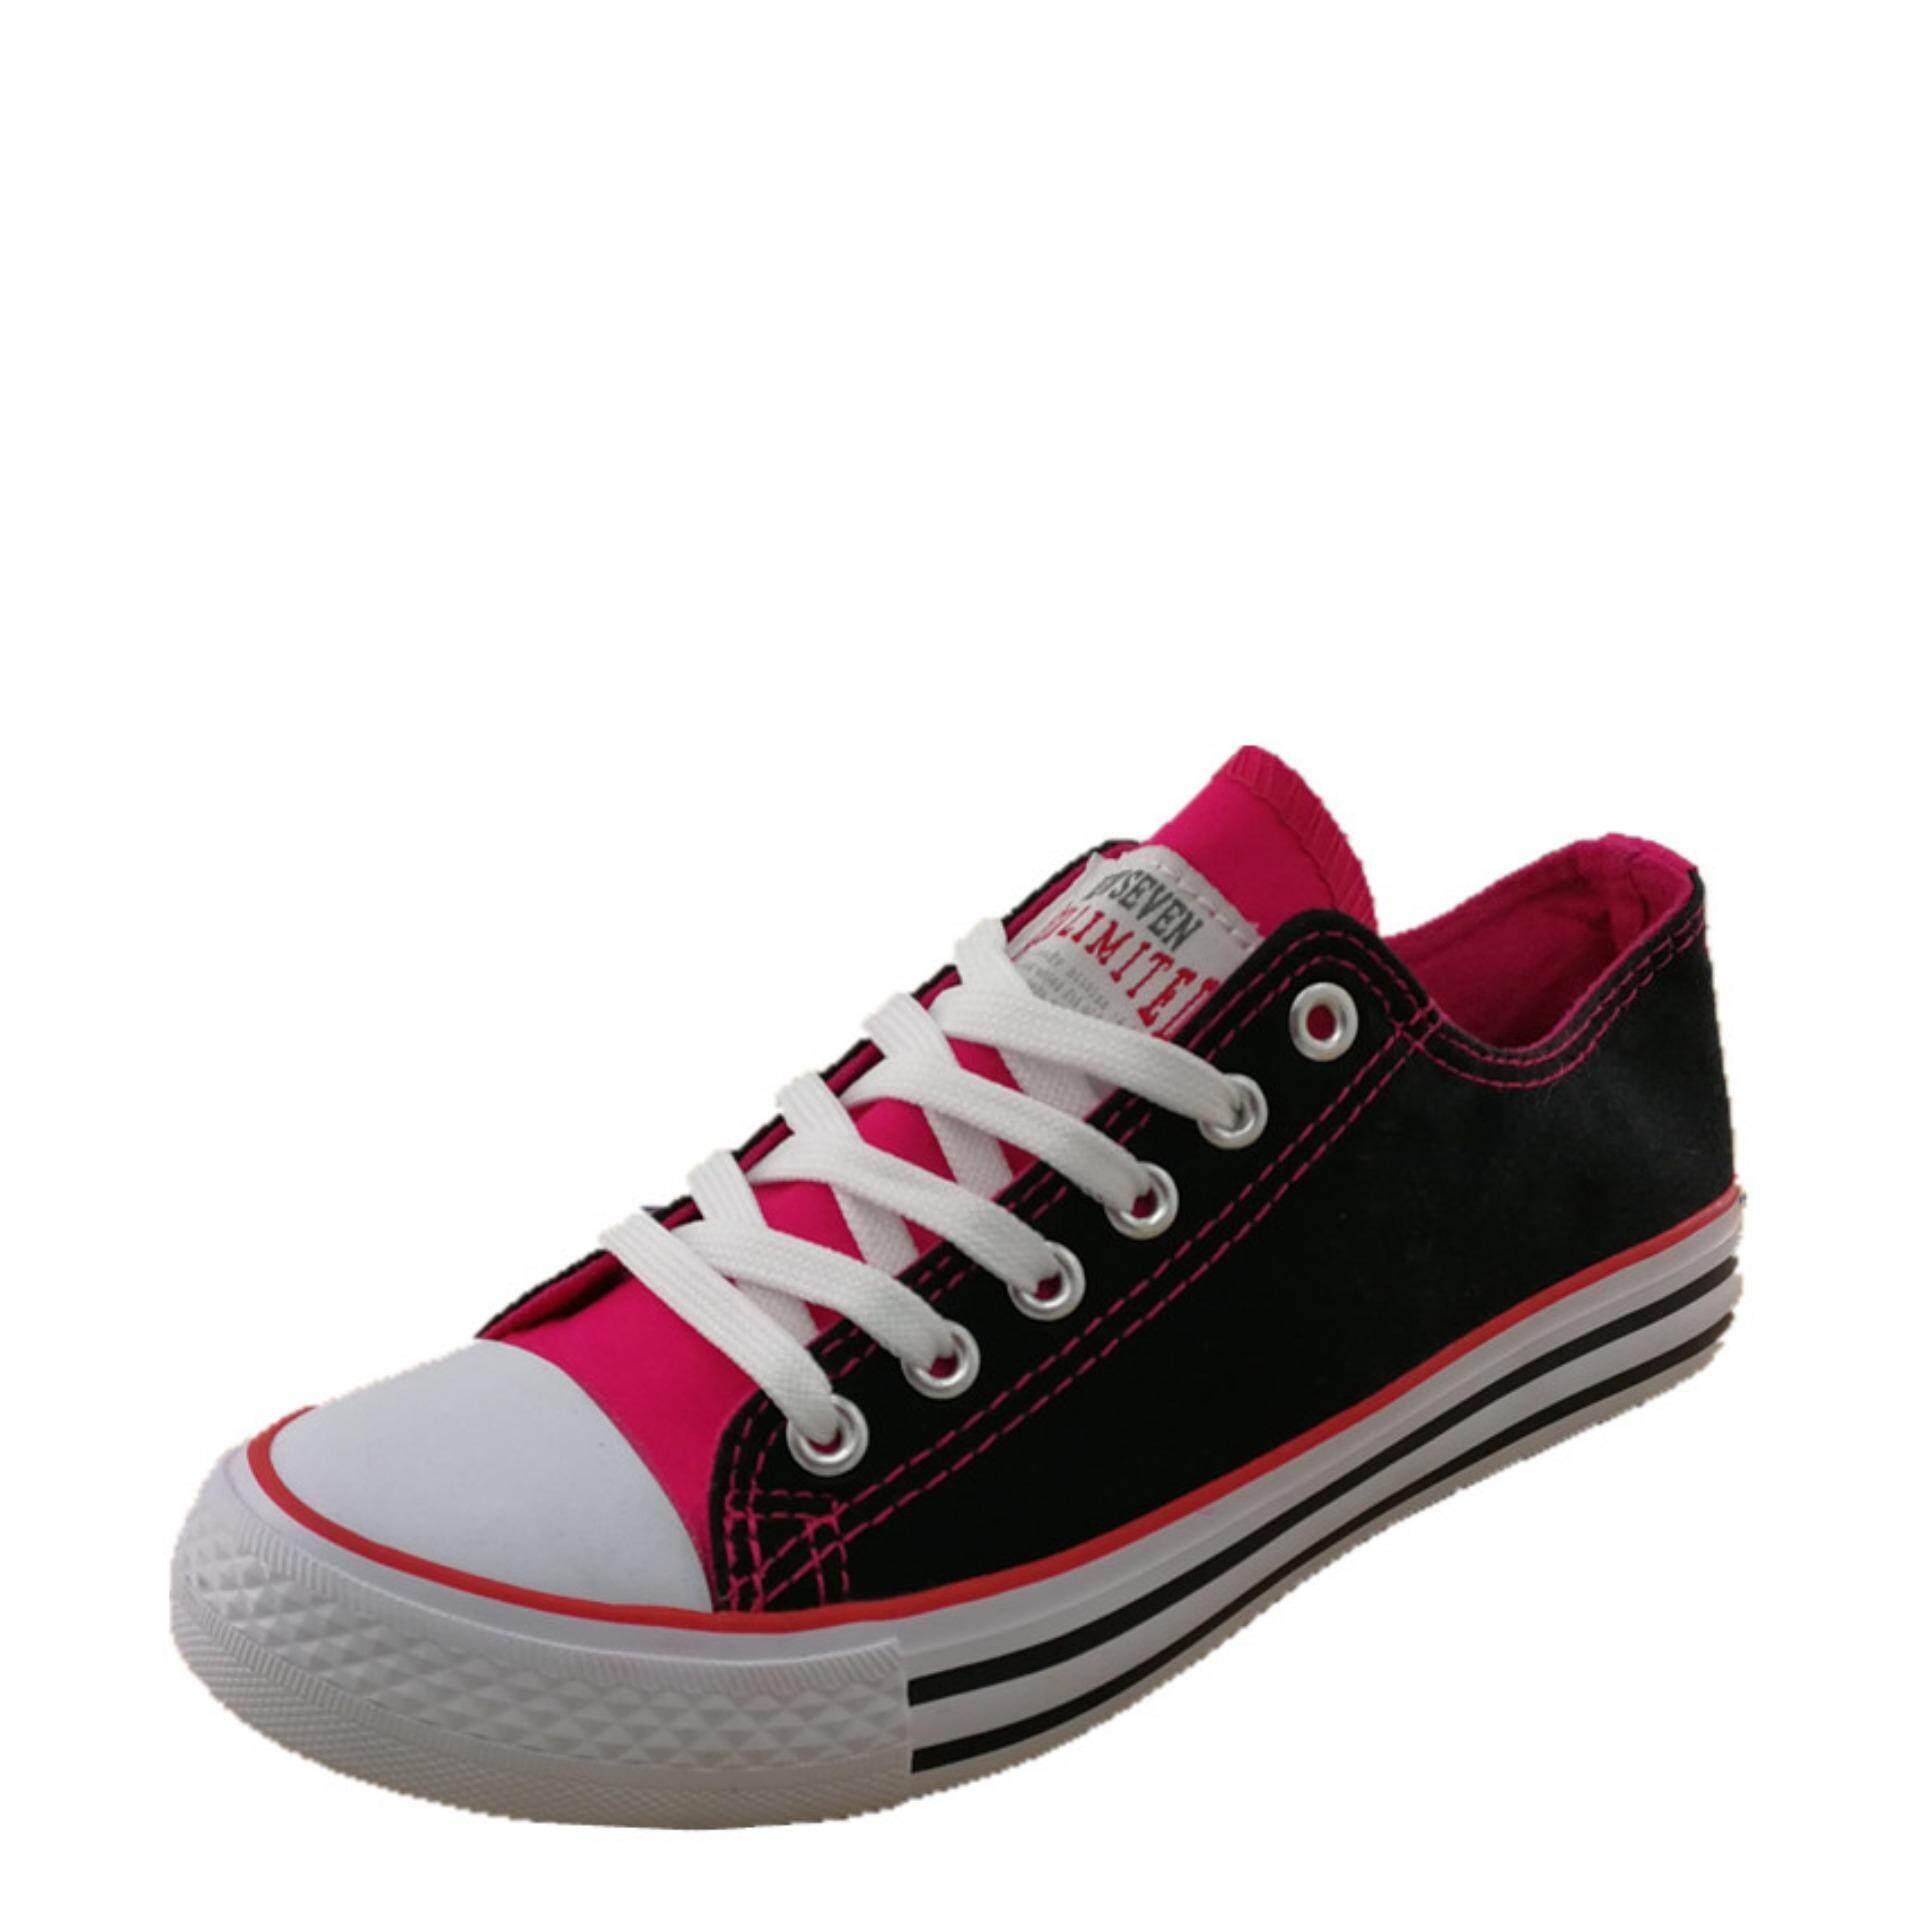 New Seven Canvas Shoes Women